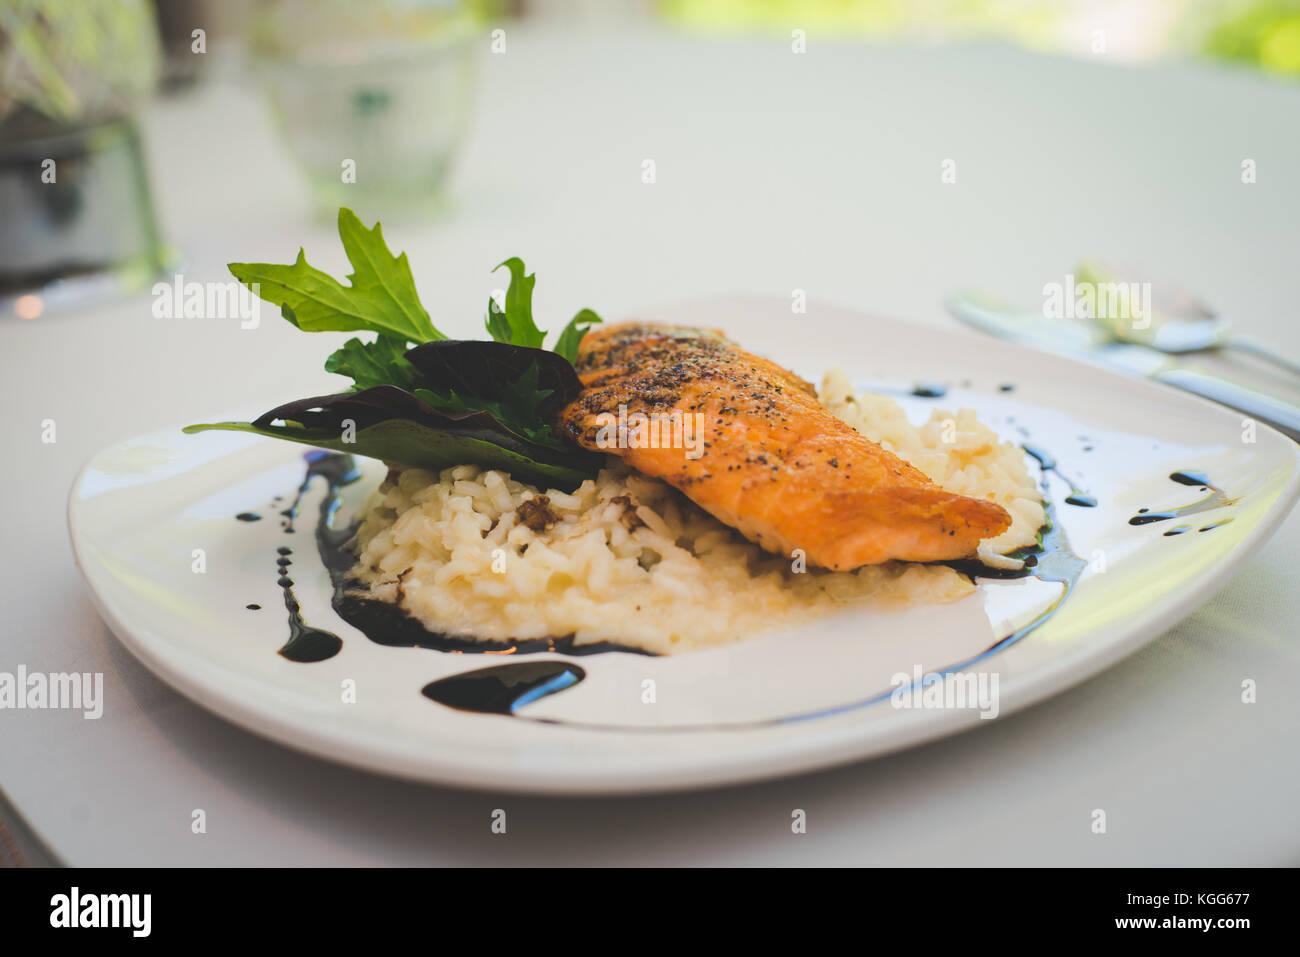 Un salmone e piatto di riso presentato piastrate ad un ristorante. Immagini Stock